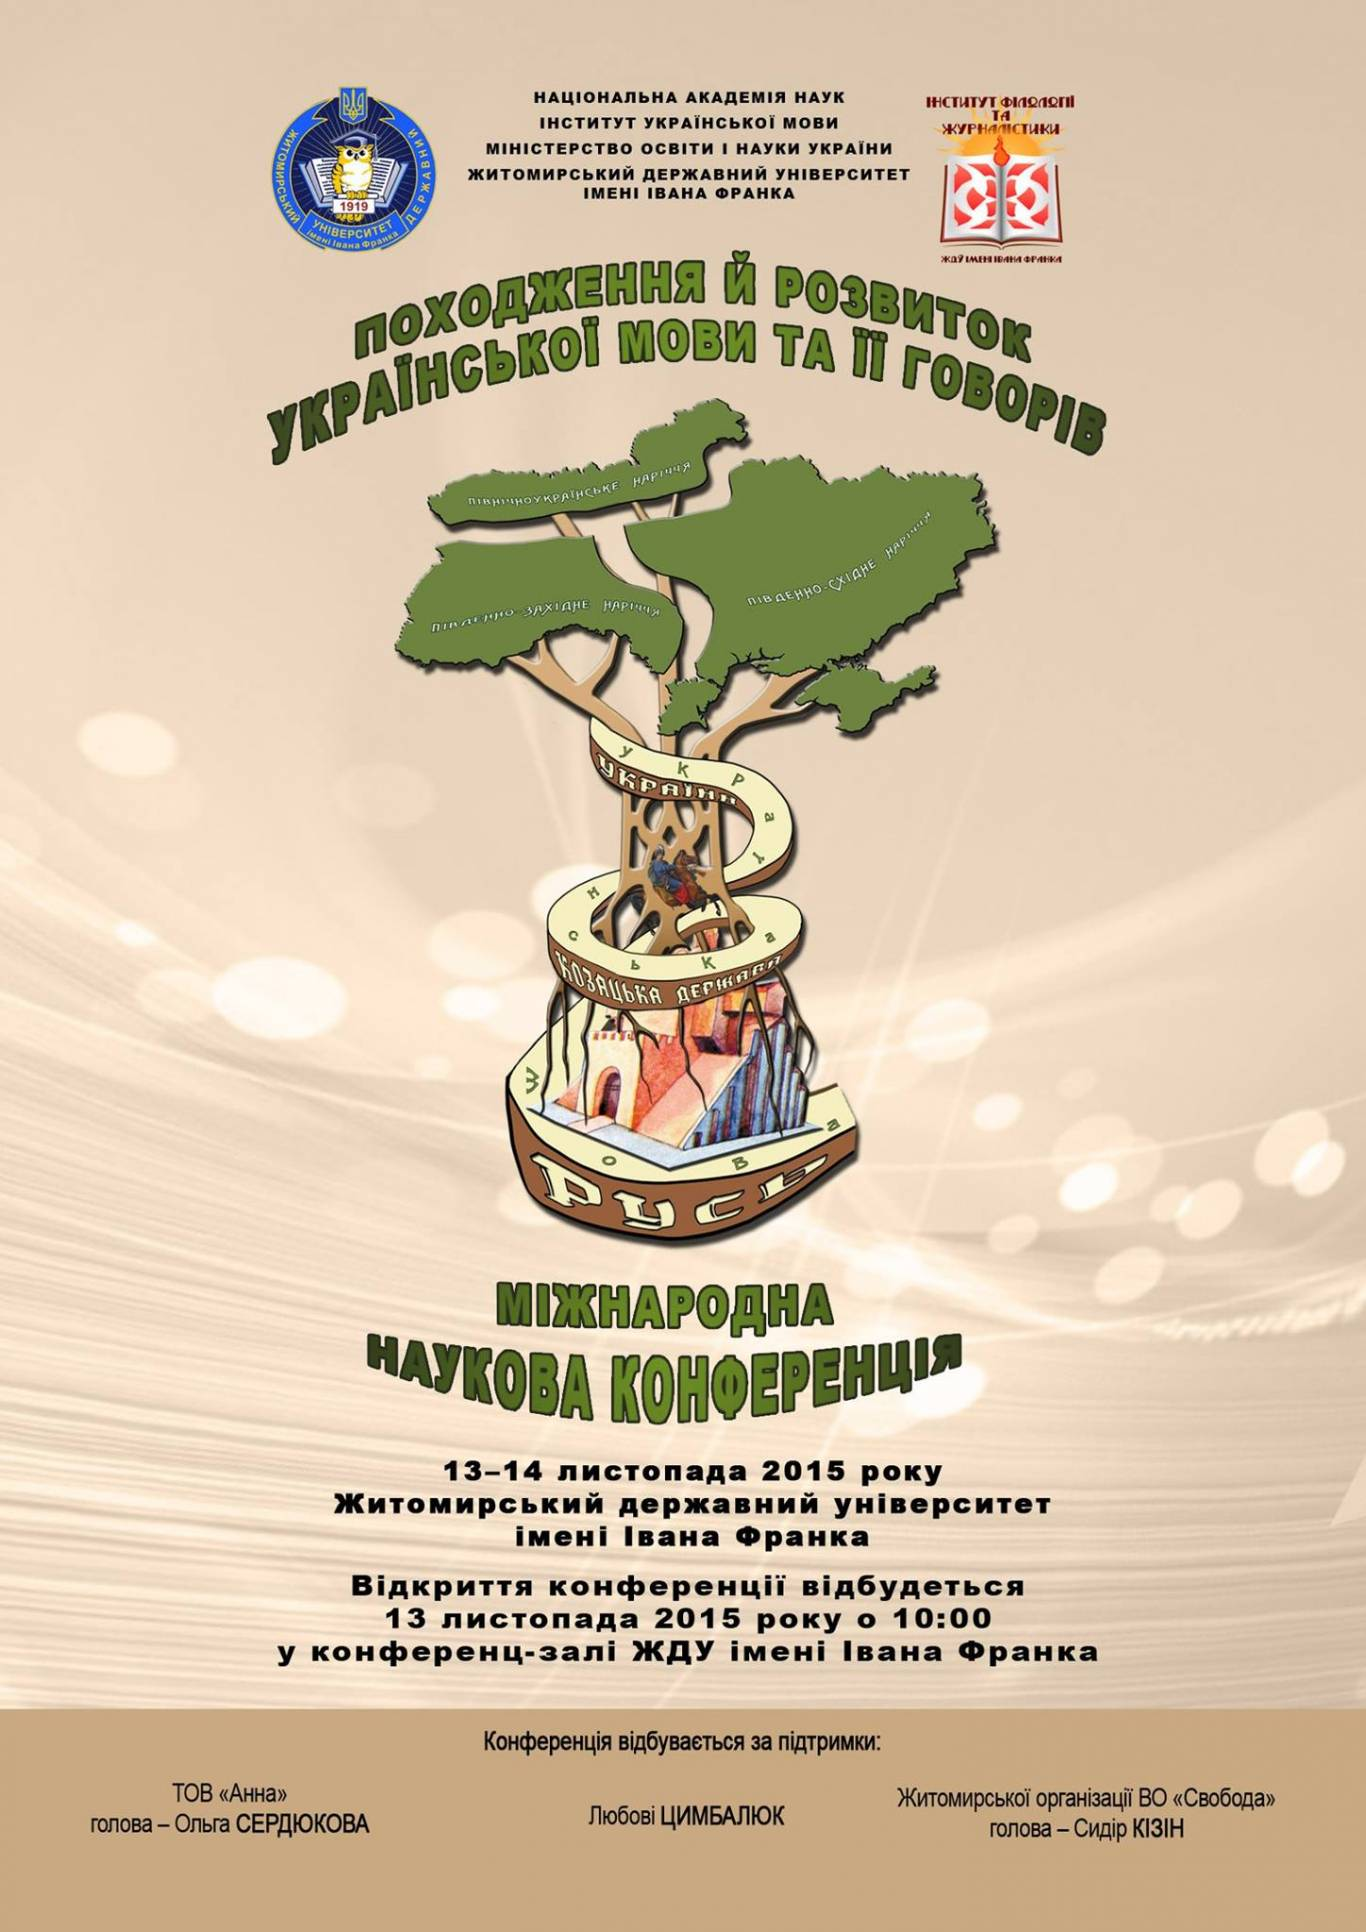 Міжнародна конференція з питань походження української мови